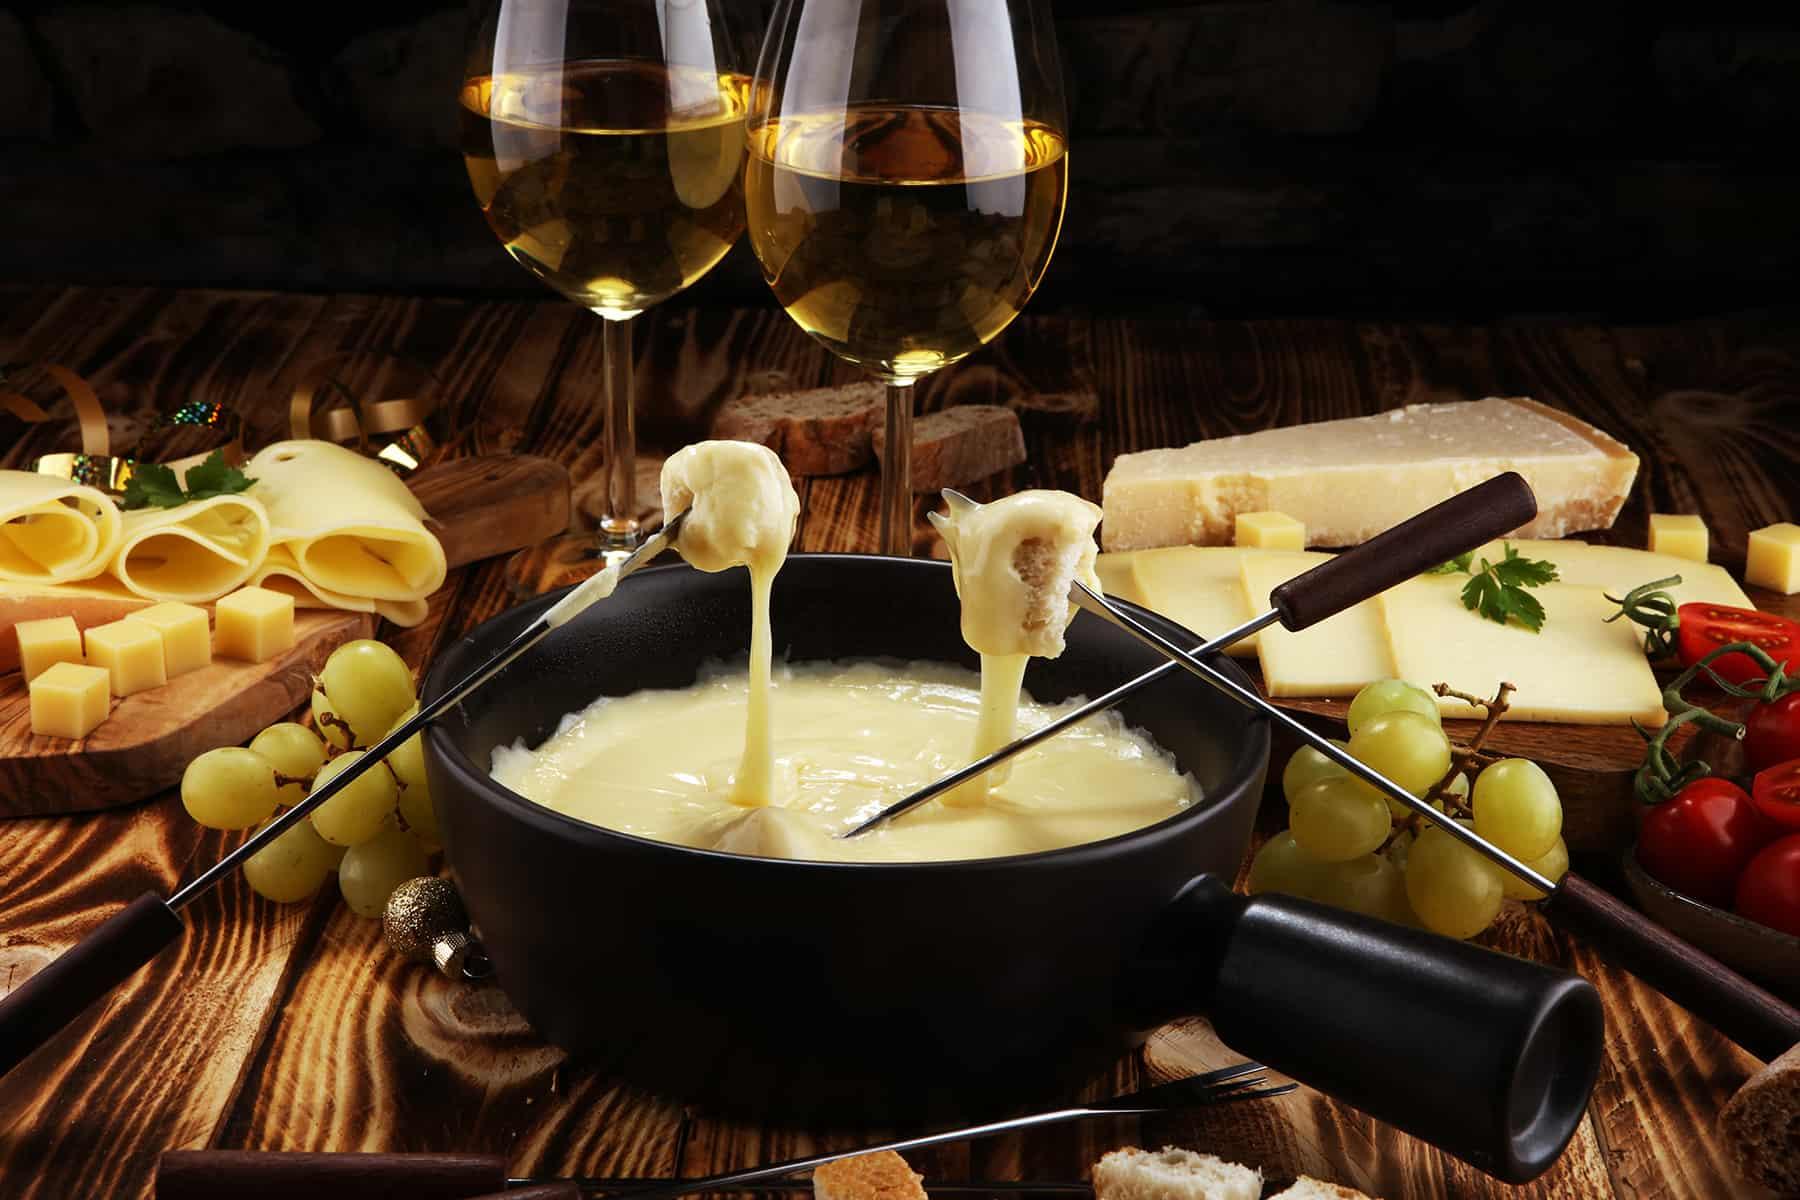 Thụy Sĩ với nhiều món ăn đặc biệt mà bạn không nên bỏ lỡ